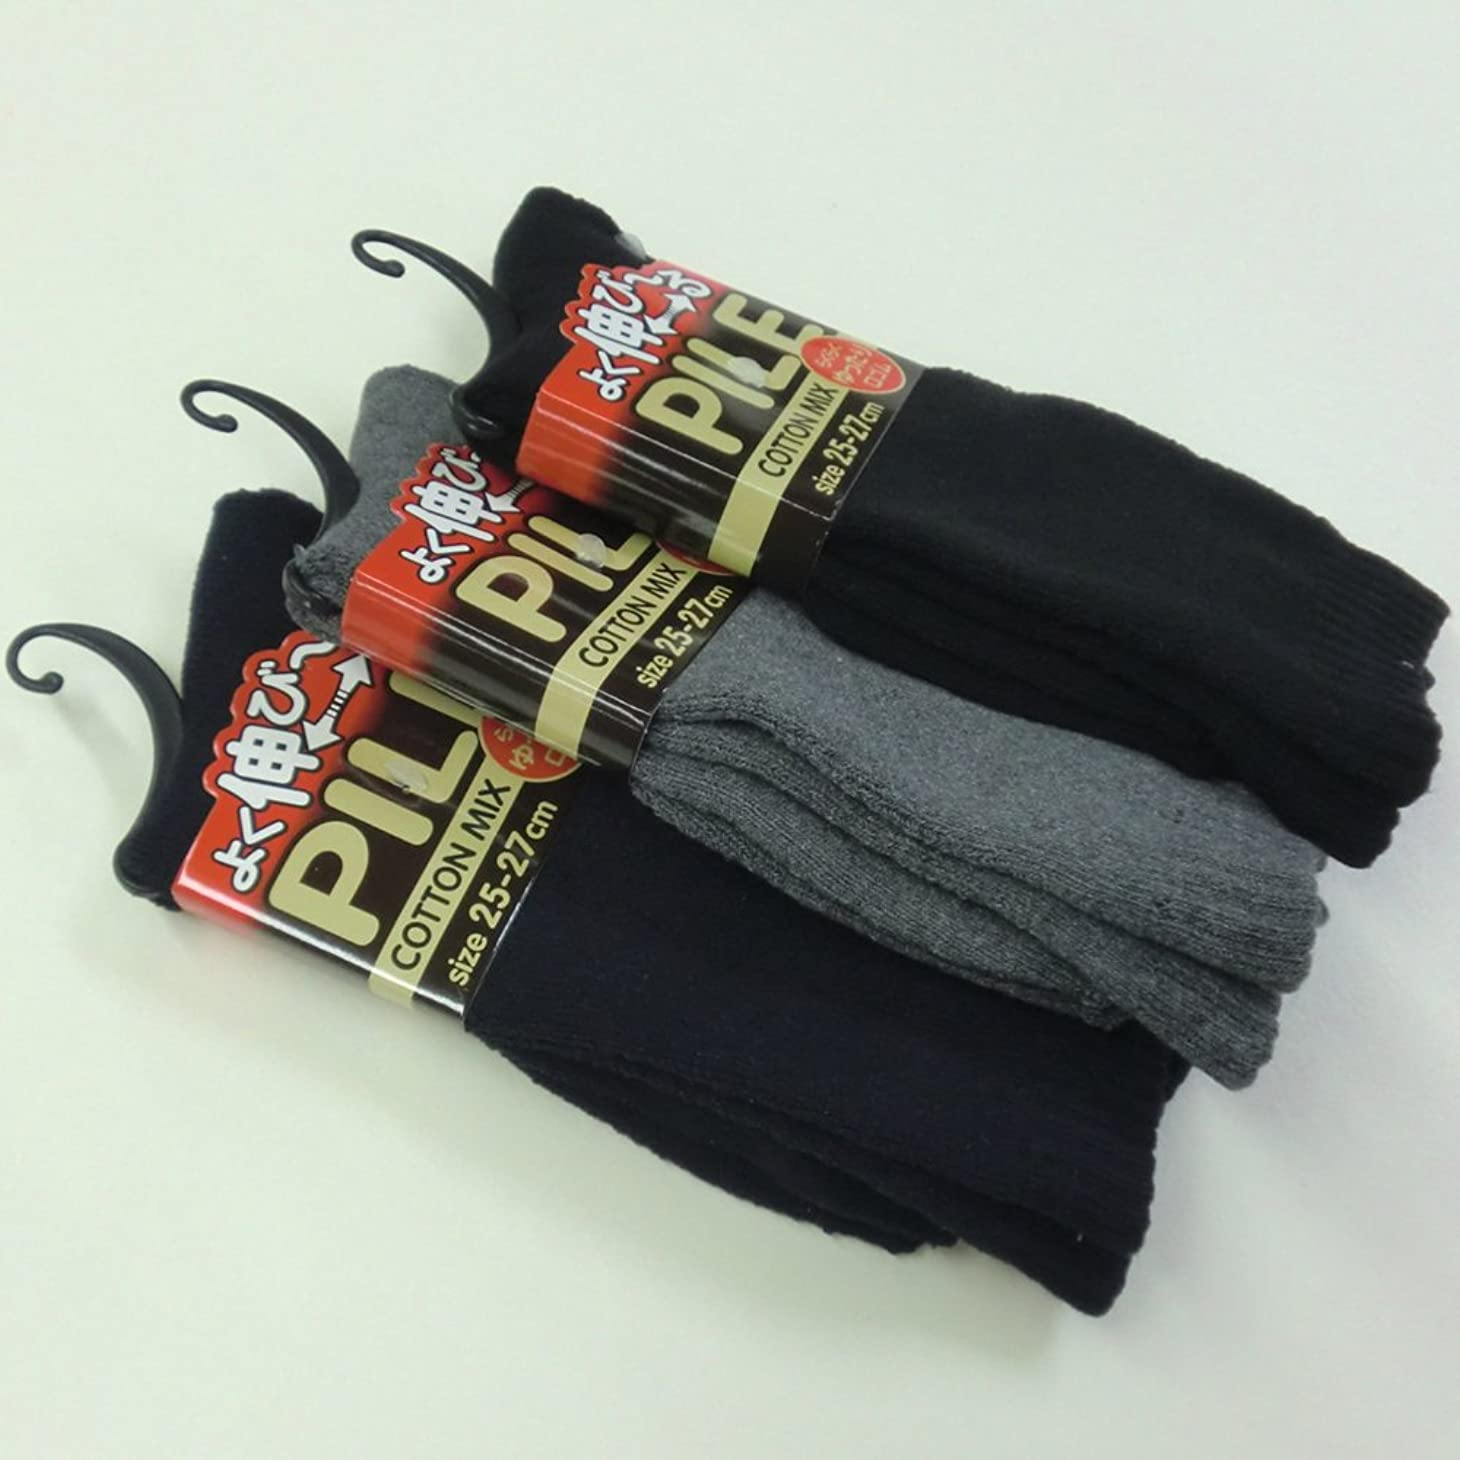 食用マイクロプロセッサアリーナ靴下 あったか メンズ 綿混 パイルソックス 厚手 25-27cm 3足組(色はお任せ)